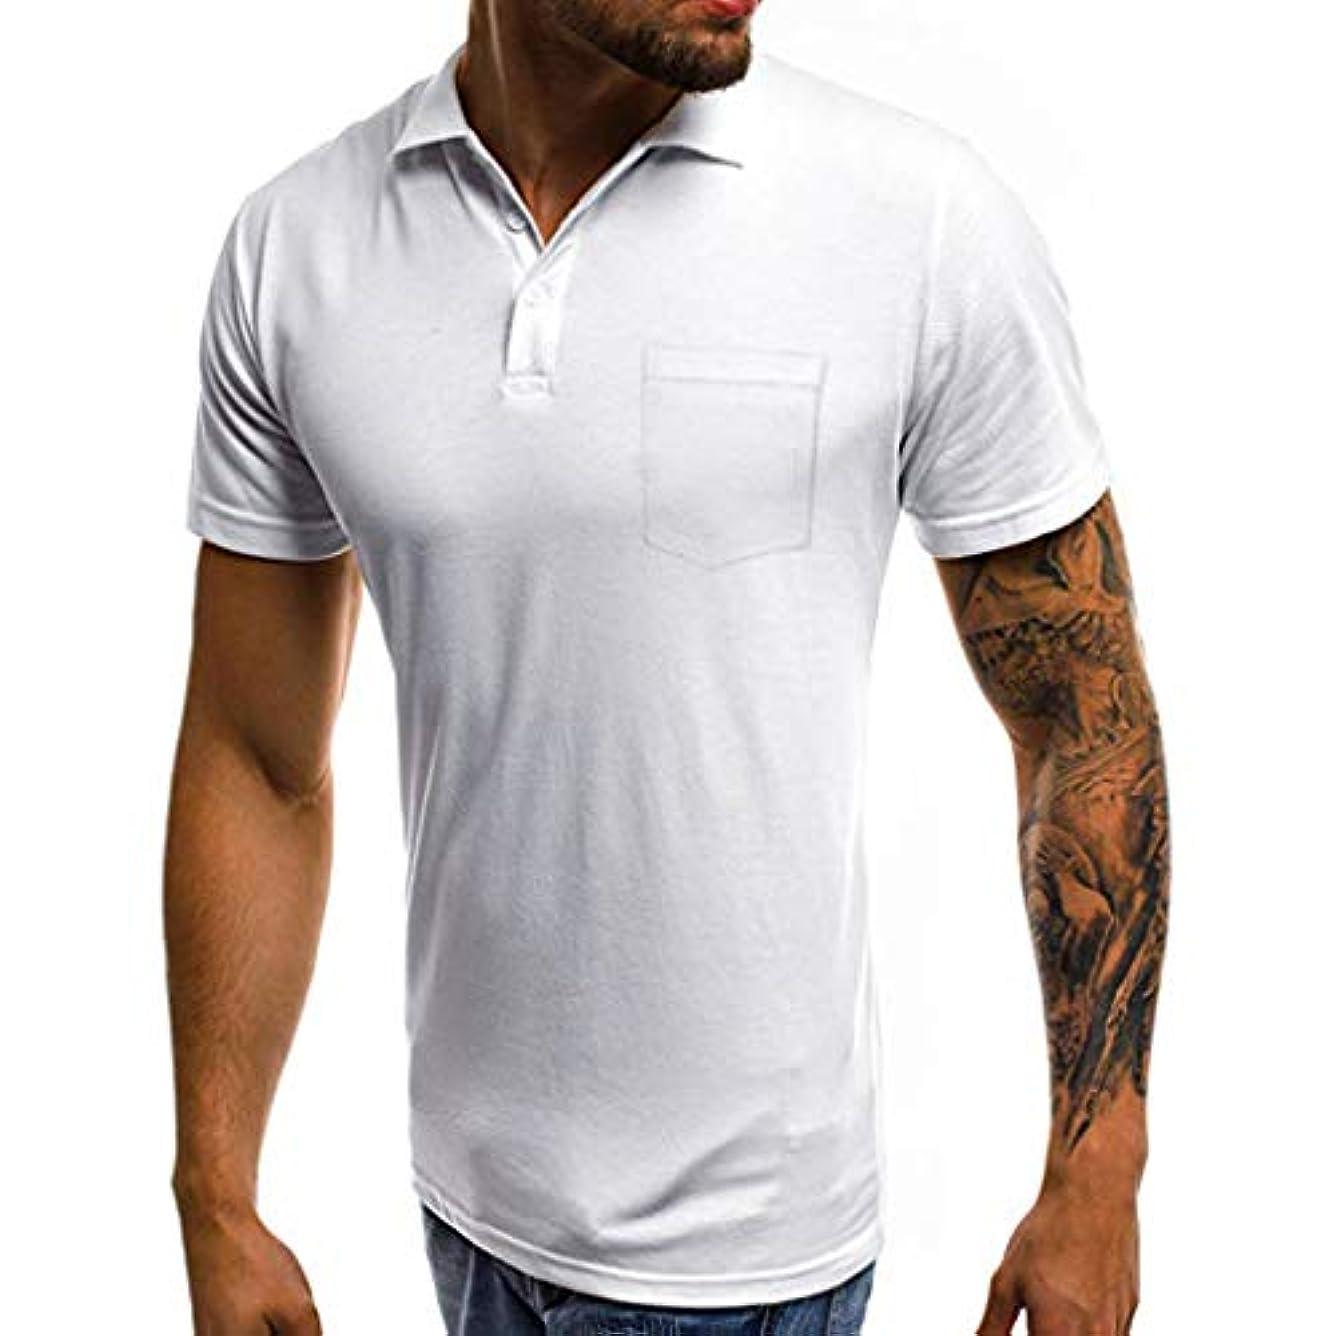 鎮静剤おもちゃしなやかなGINNTOKI tシャツ メンズ カジュアル スリム 半袖 ポケット ボタンTシャツ トップ ブラウス ラペルポケット半袖 キャップなし ファッションメンズ (ホワイト, M)